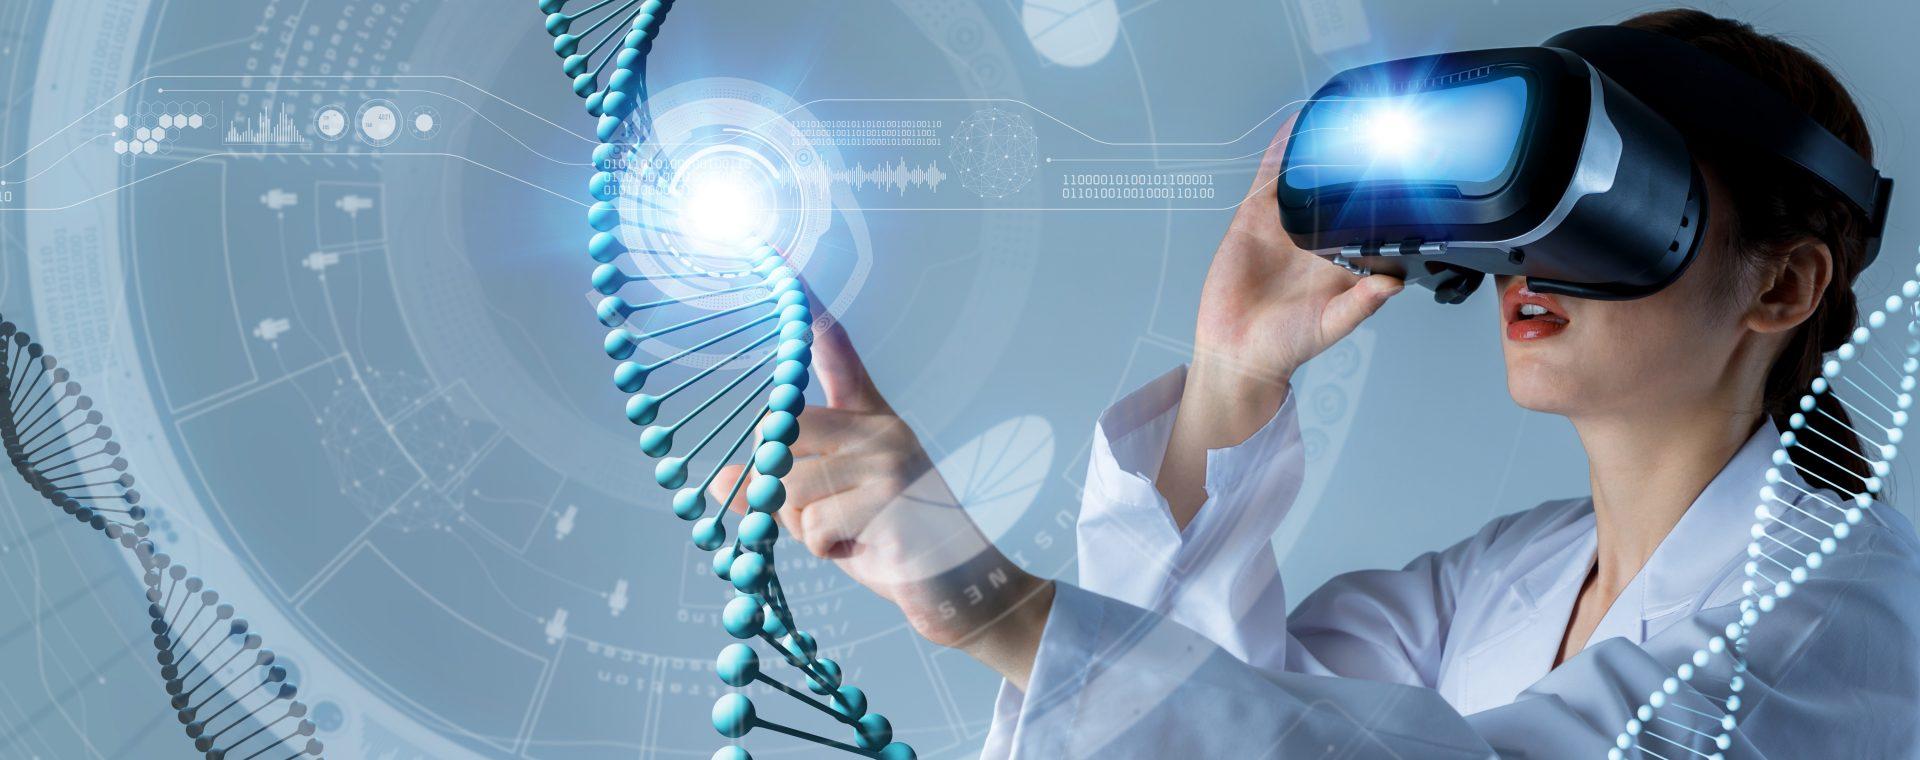 Open Day ITS Volta: un'opportunità per conoscere l'offerta formativa e gli sblocchi occupazionali nel mondo biomedicale